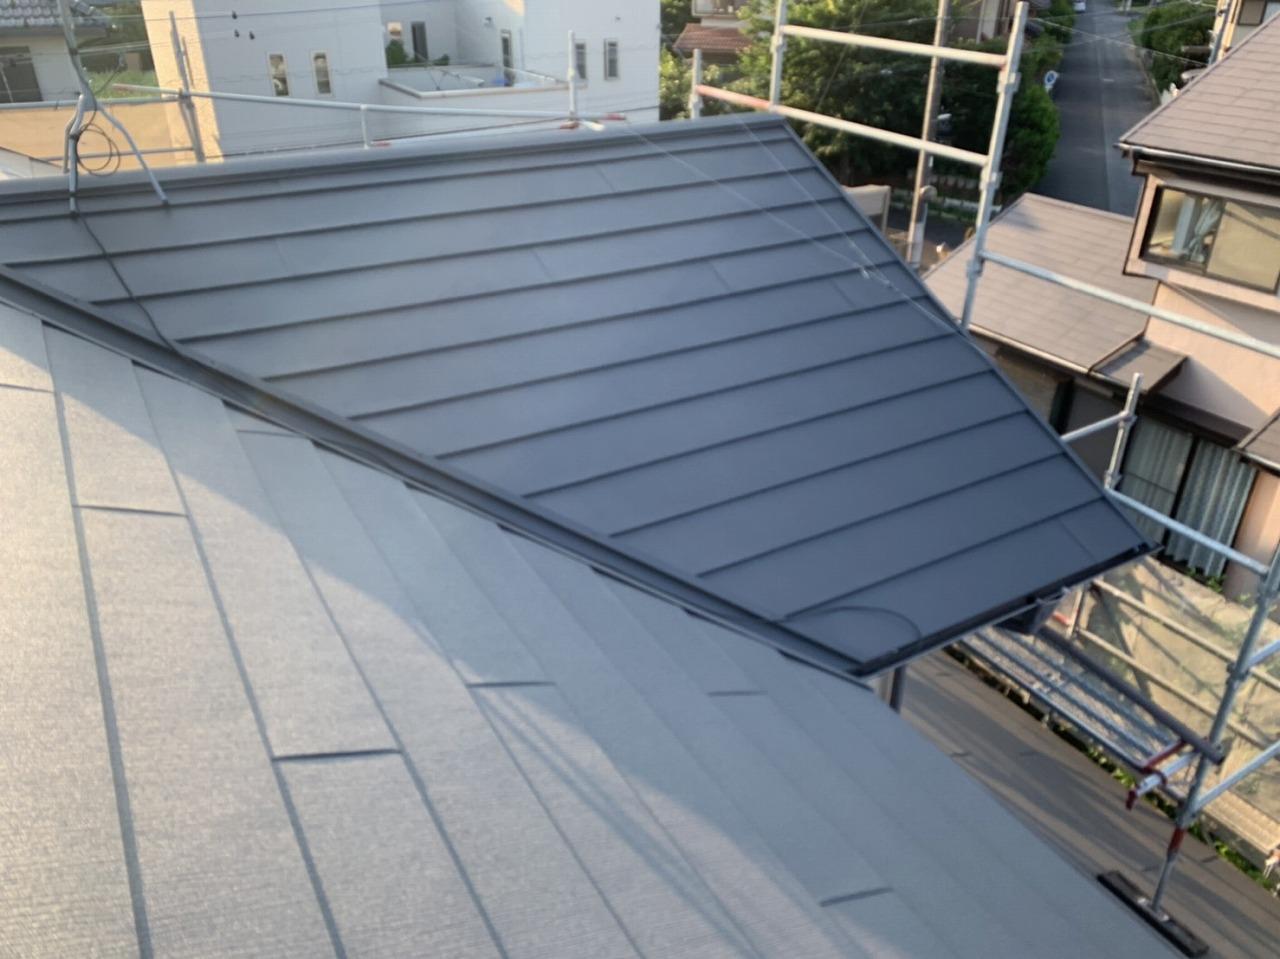 千葉県印旛郡T様邸 屋根葺き替え工事が完成しました!